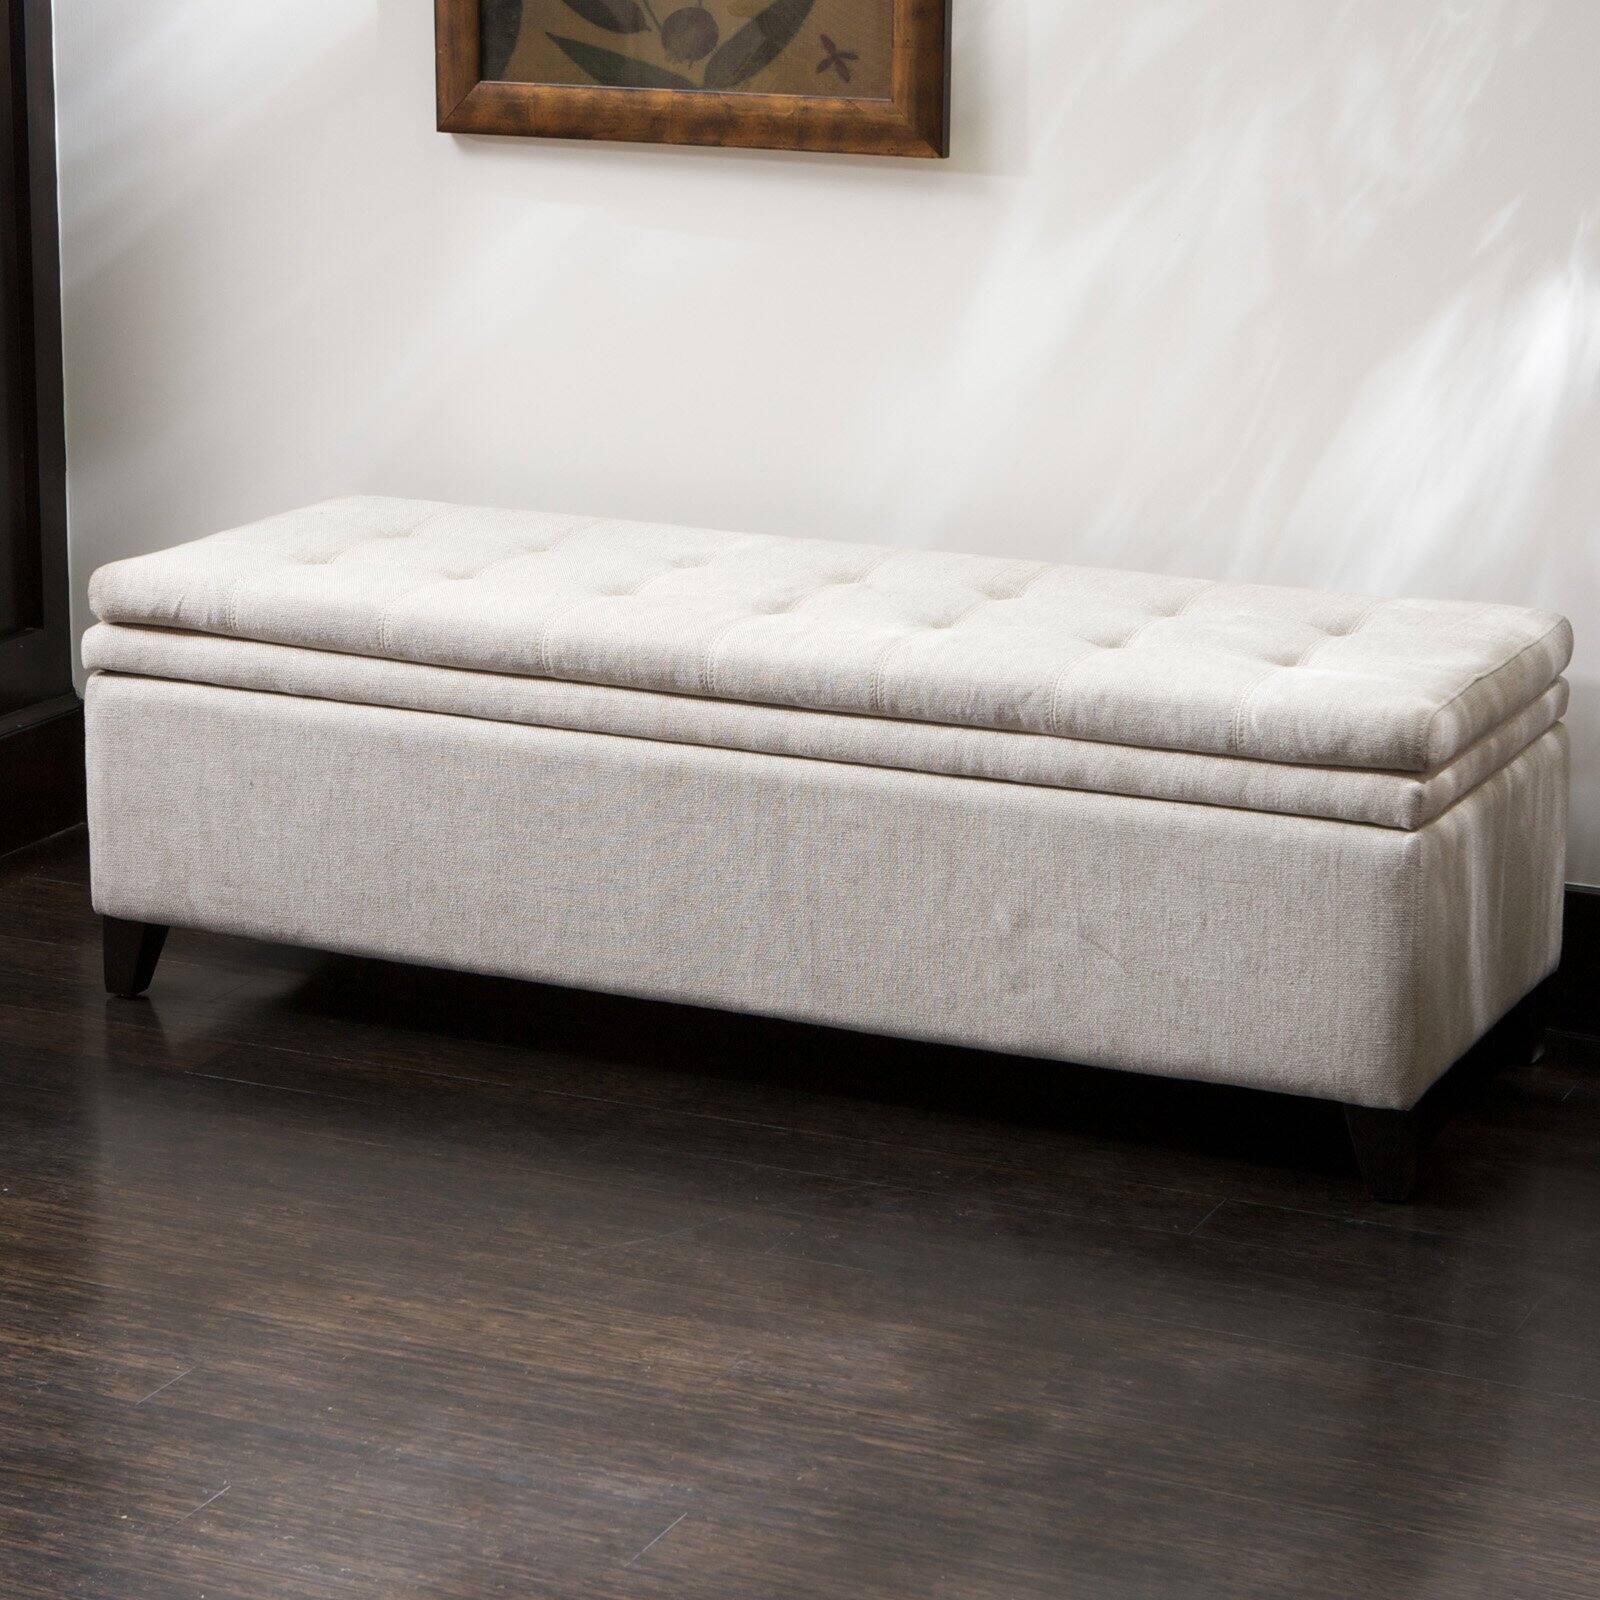 brighton white linen storage ottoman